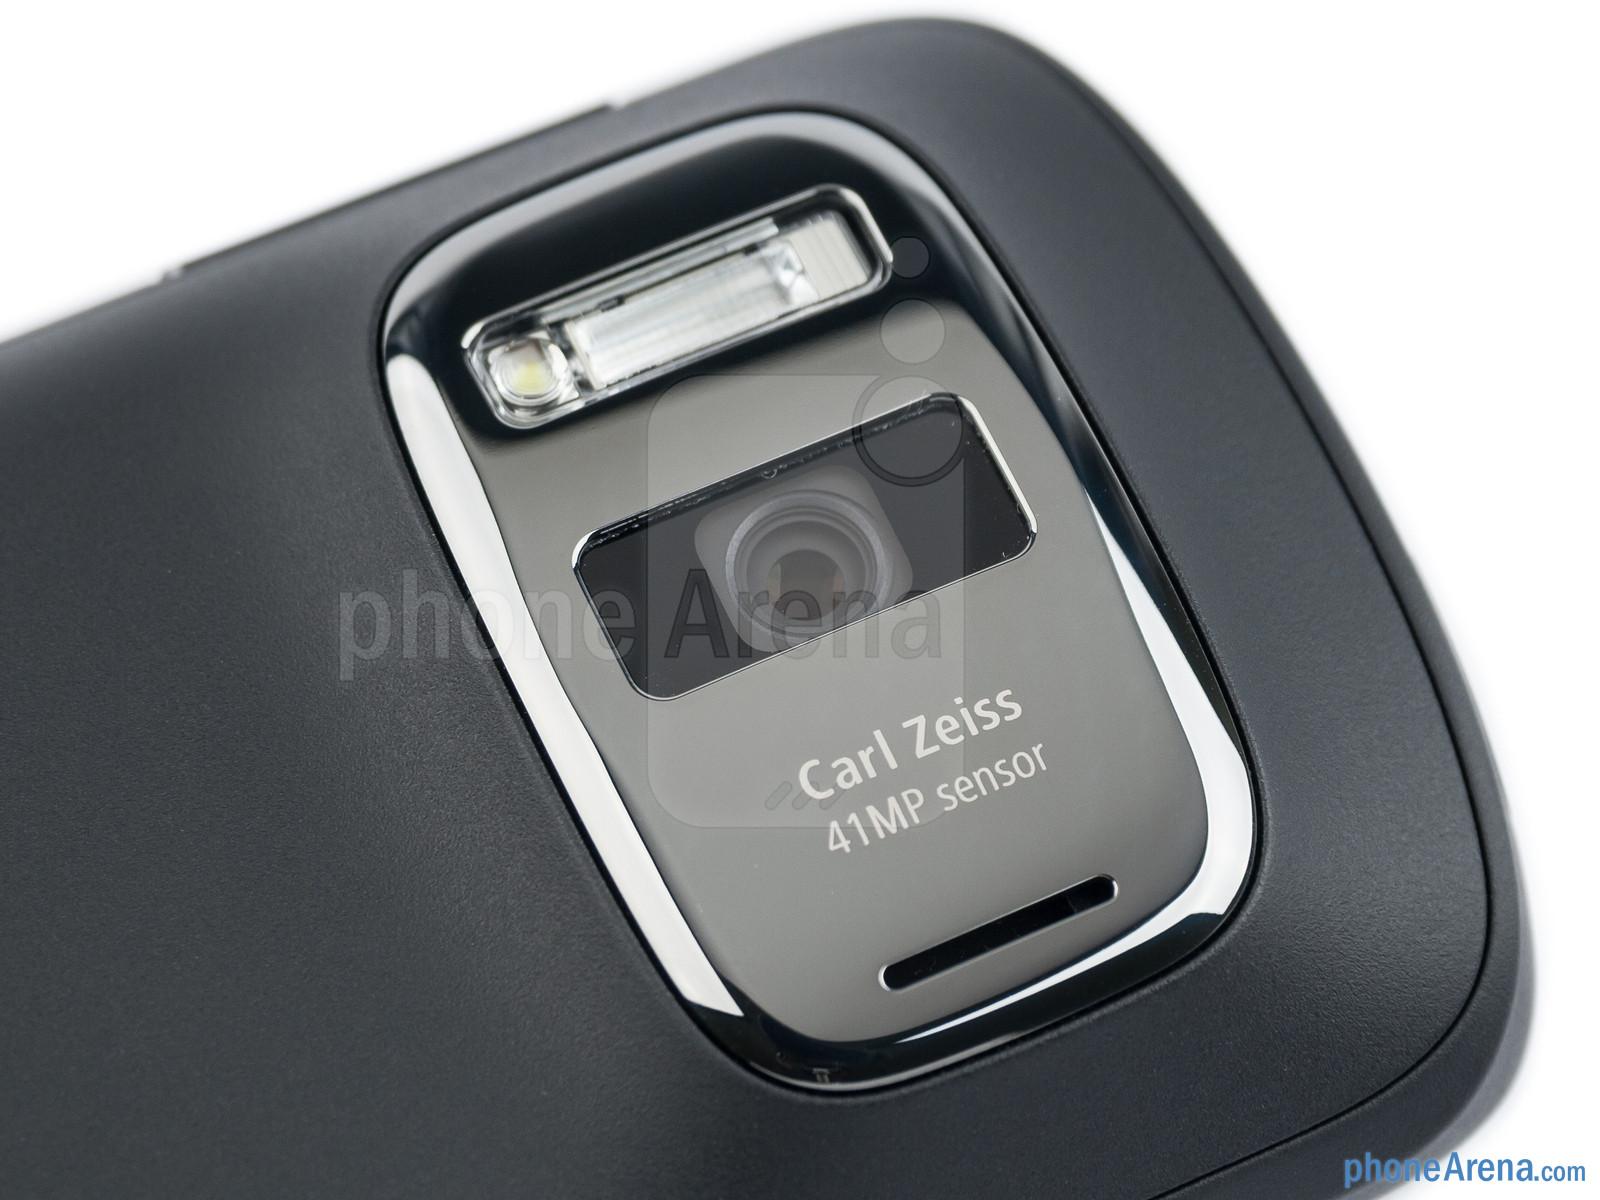 抢回PureView商标logo!Nokia非常照相旗舰级要来?